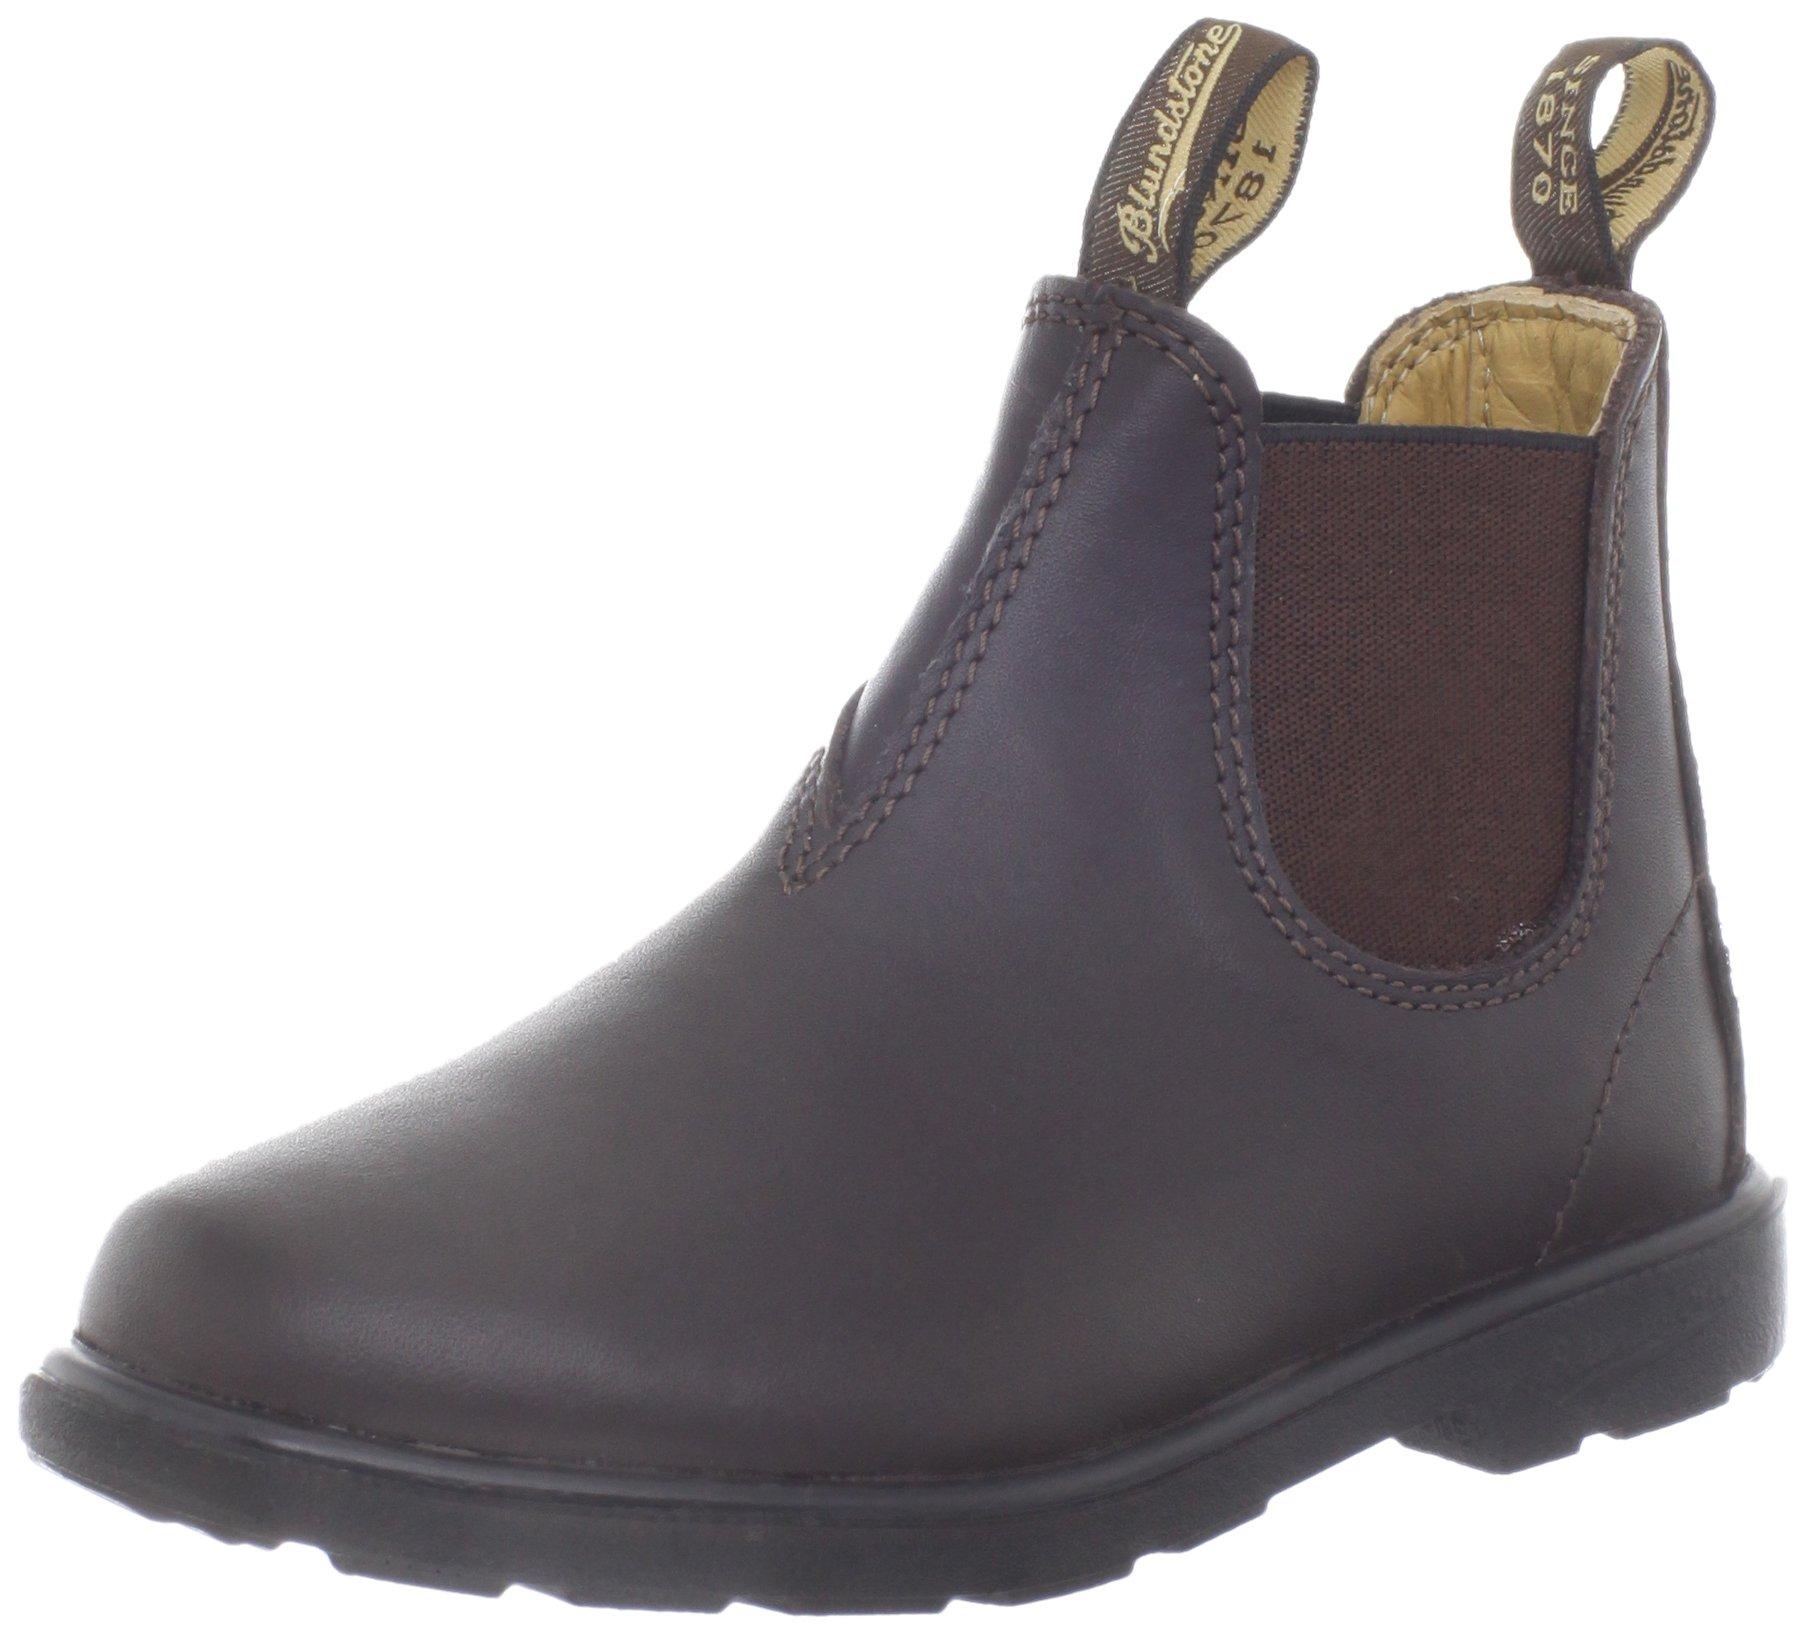 Blundstone Kids Unisex BL530 (Toddler/Little Kid/Big Kid) Brown Boot AU 2 Little Kid/Big Kid (3-3.5 US Little Kid/Big Kid) Medium